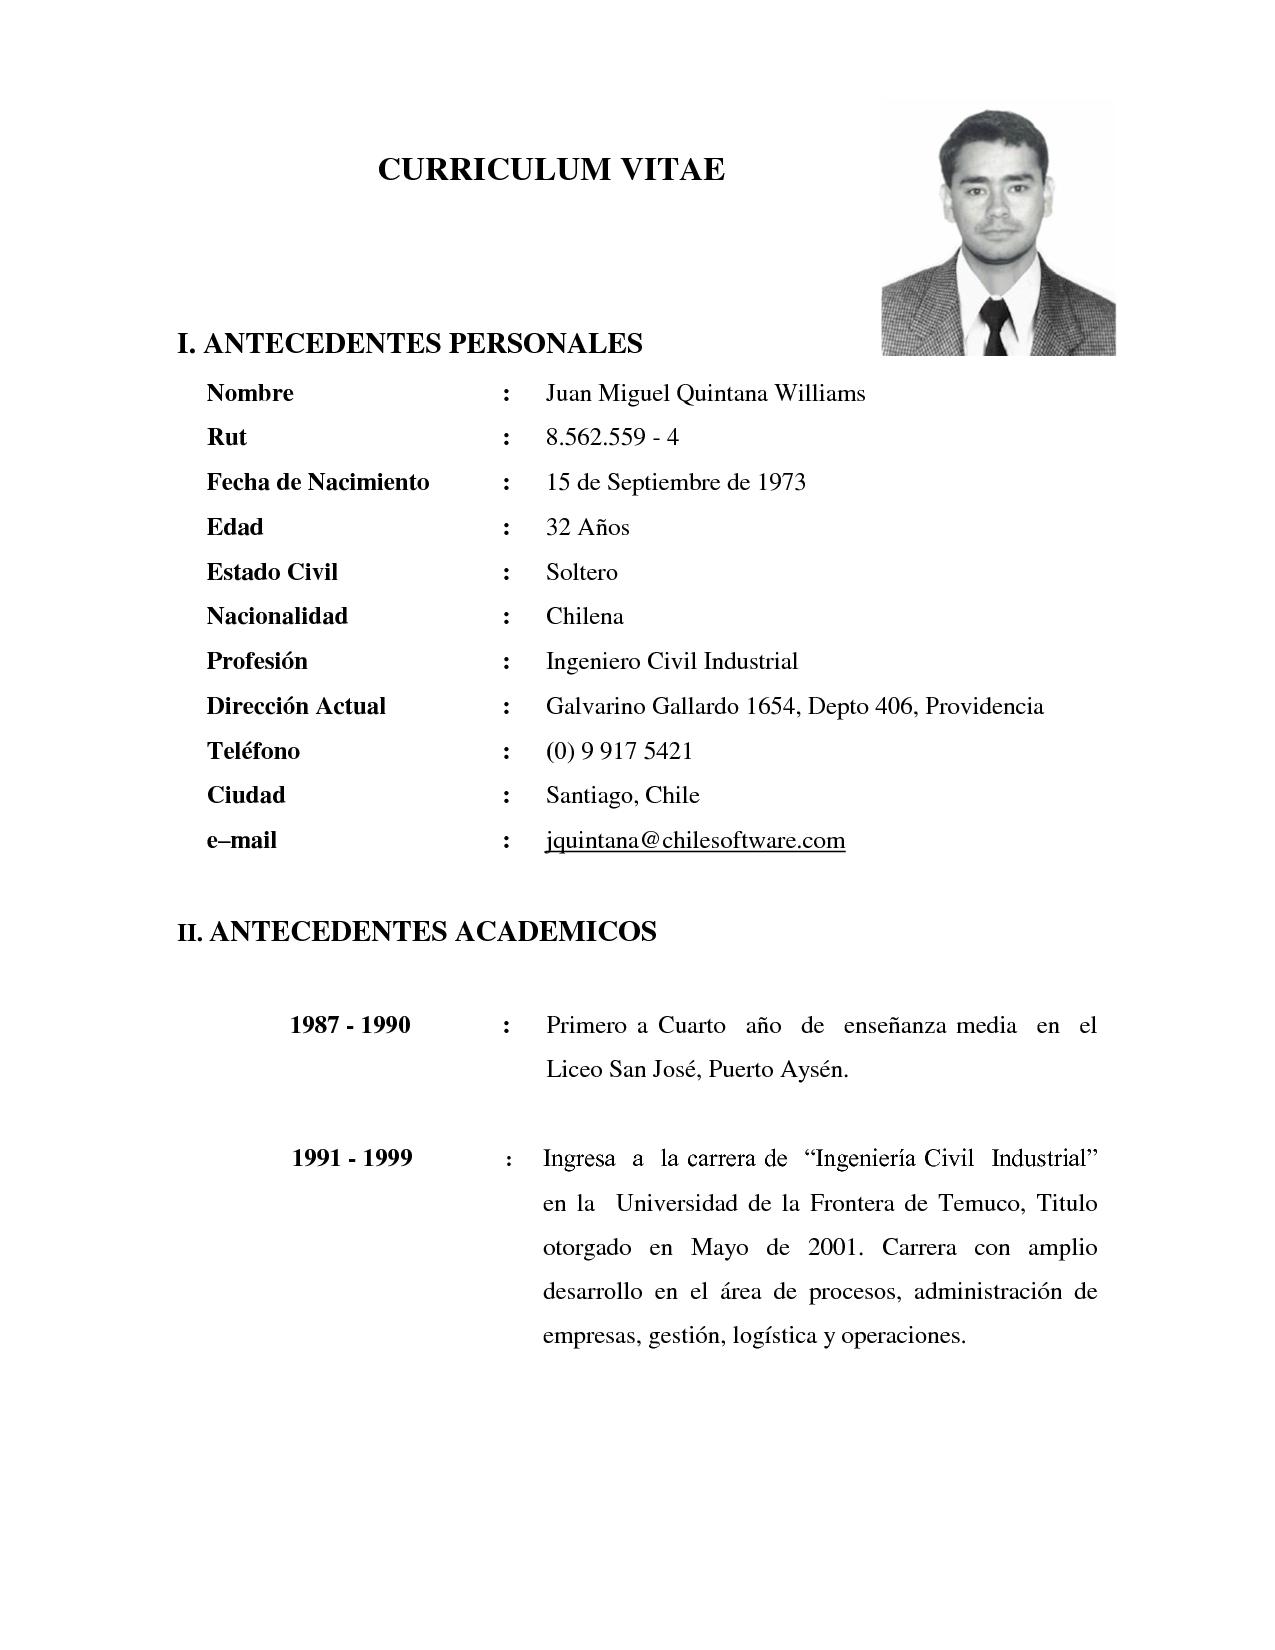 Como hacer un currículum de ingeniero industrial - Ejemplos De